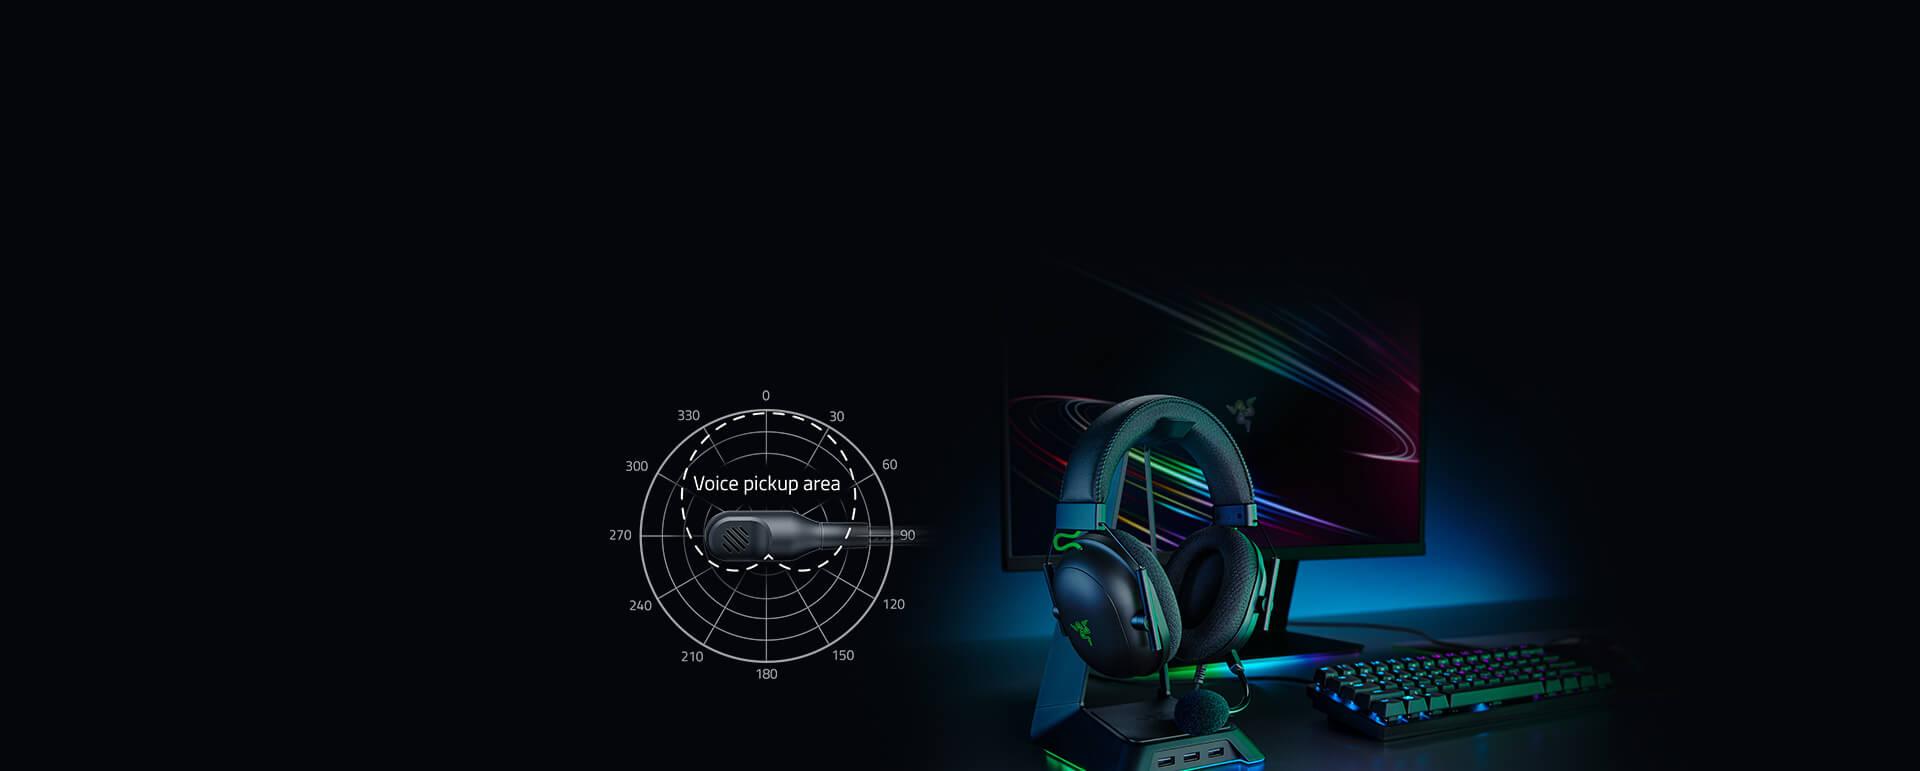 Tai nghe Razer BlackShark V2 - Wired Gaming Headset + USB Sound Card - RZ04-03230100-R3M1 trang bị micro có thể tháo rời với tính năng lọc âm cực tốt